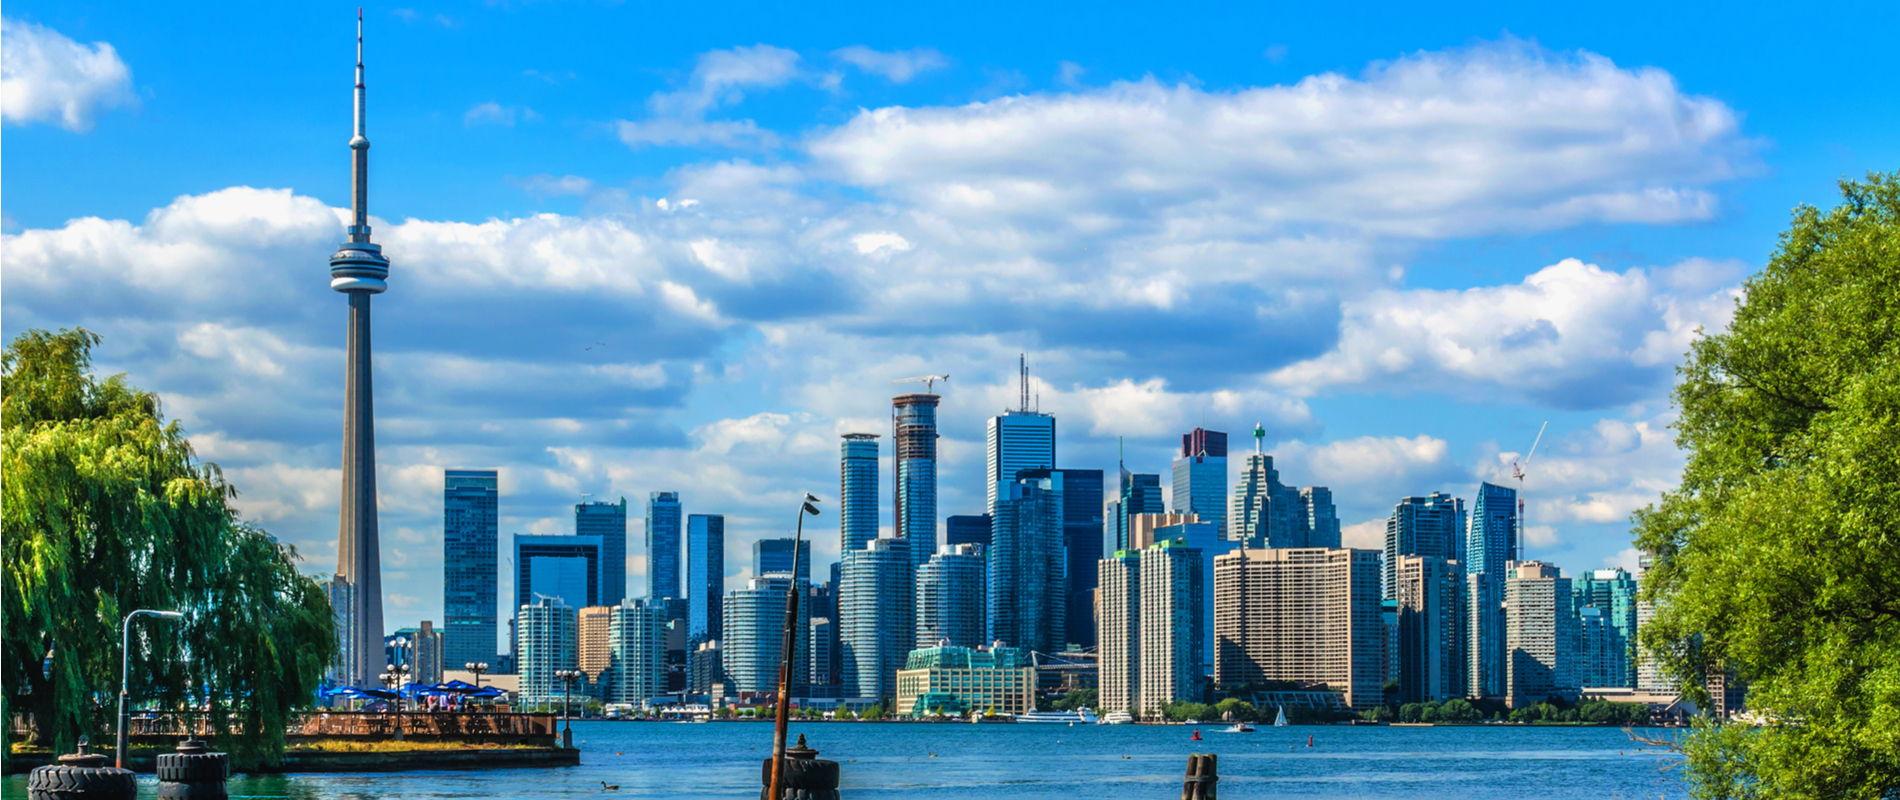 Toronto Ontario Canada